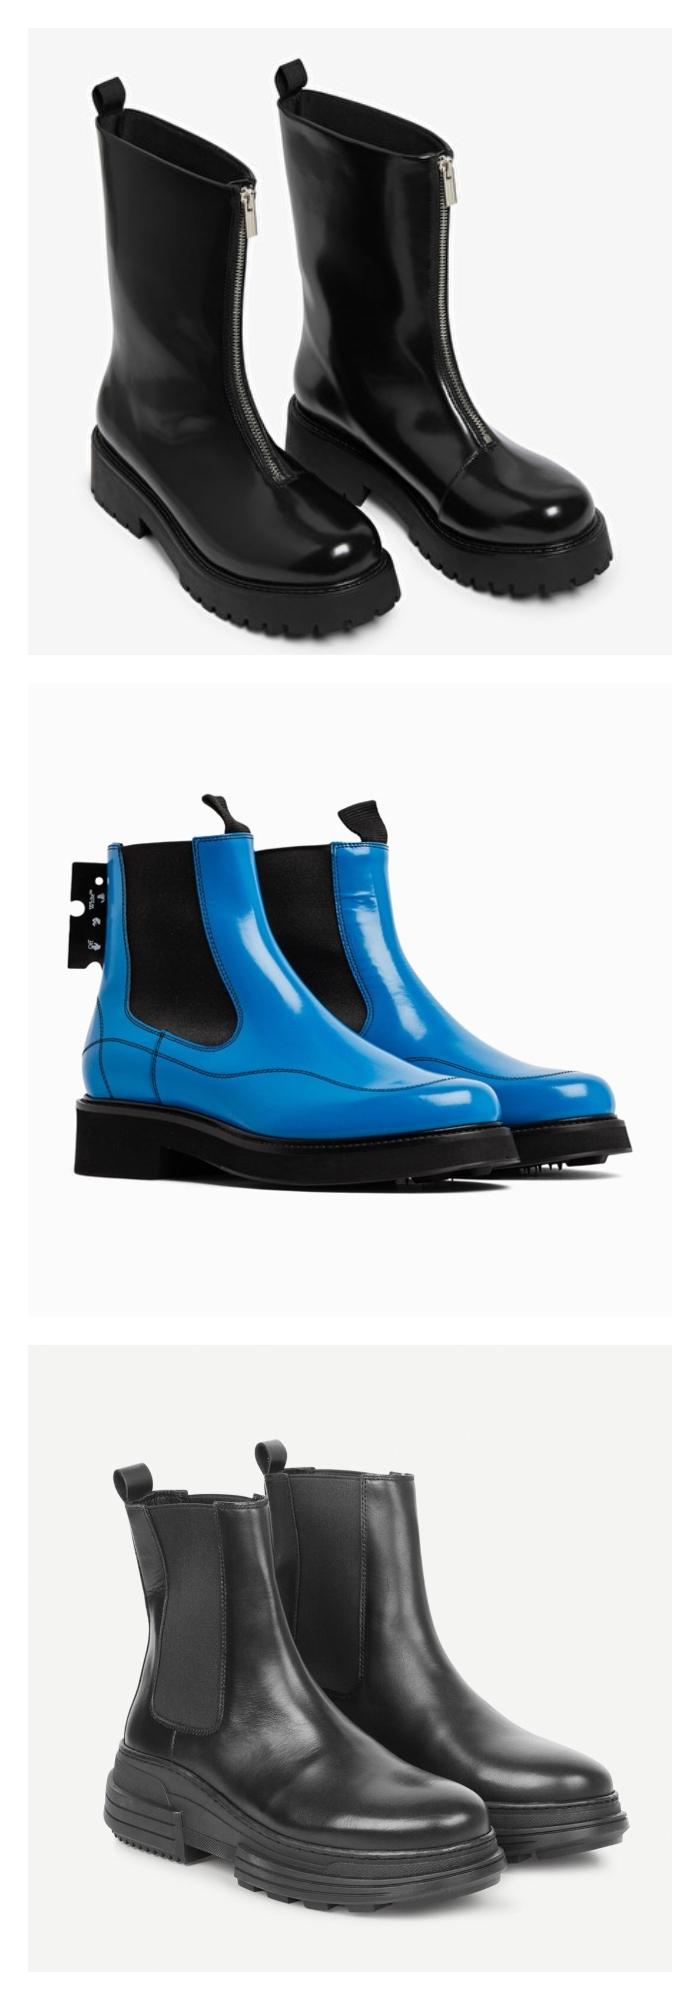 Bilde av skinnende sorte boots, skinnende blå boots og sorte boots